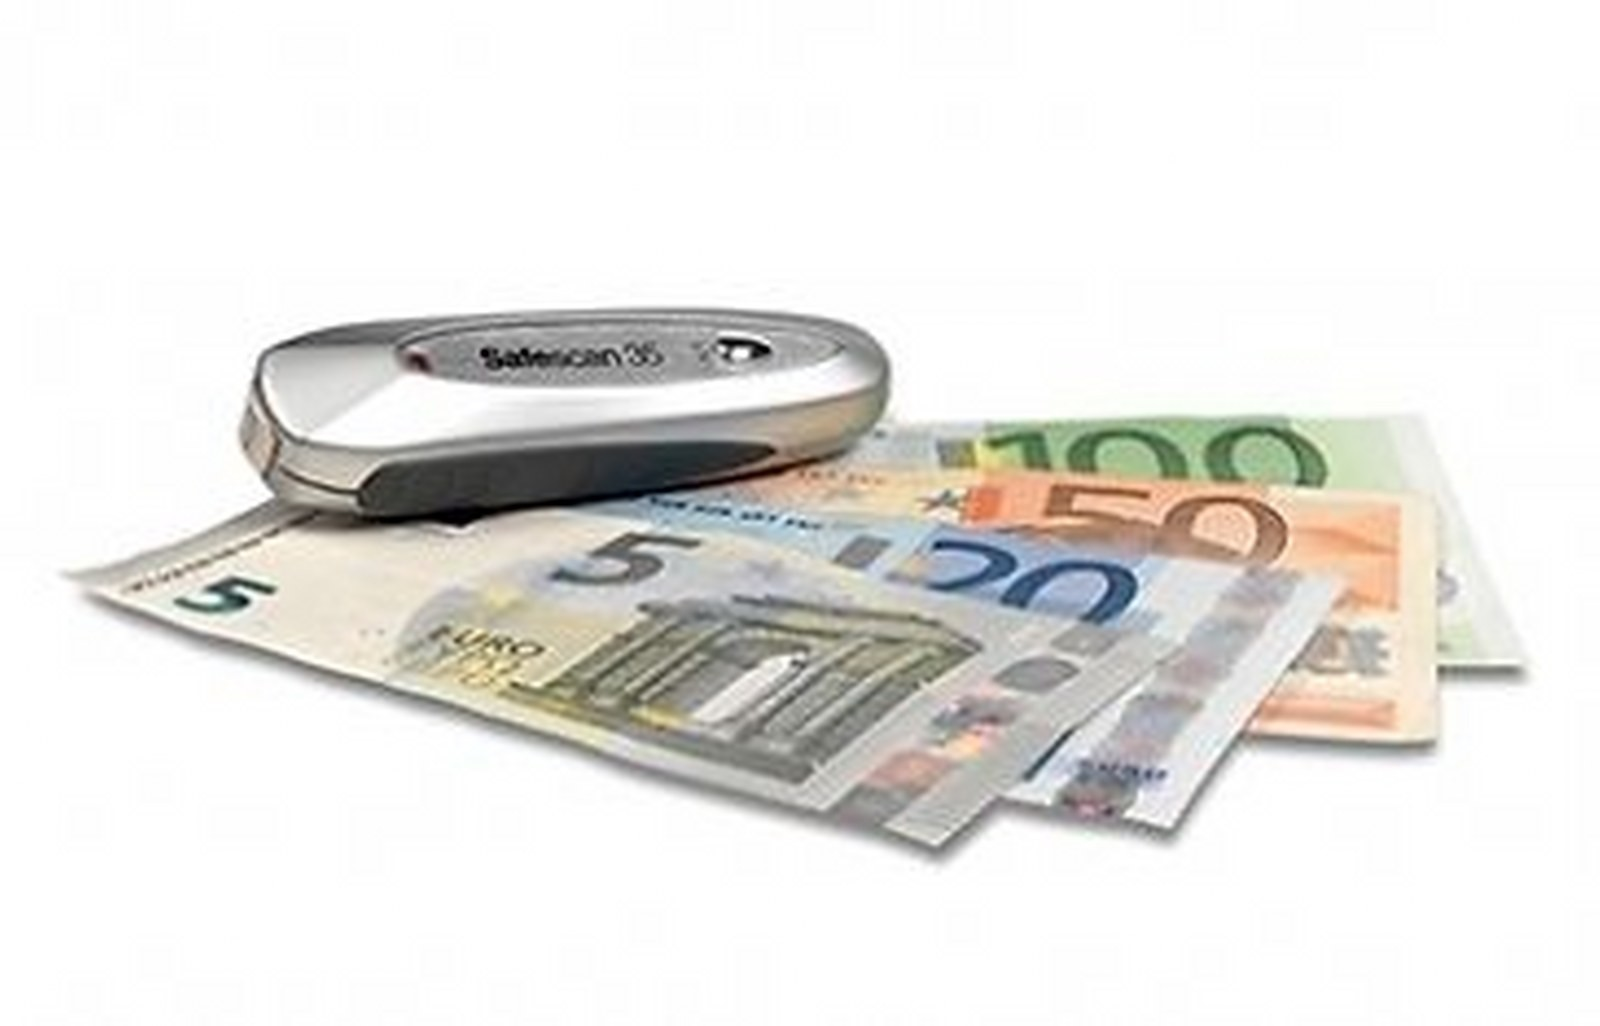 Rilevatore Banconote False Portatile Verifica EURO Professionale Banknote Detector